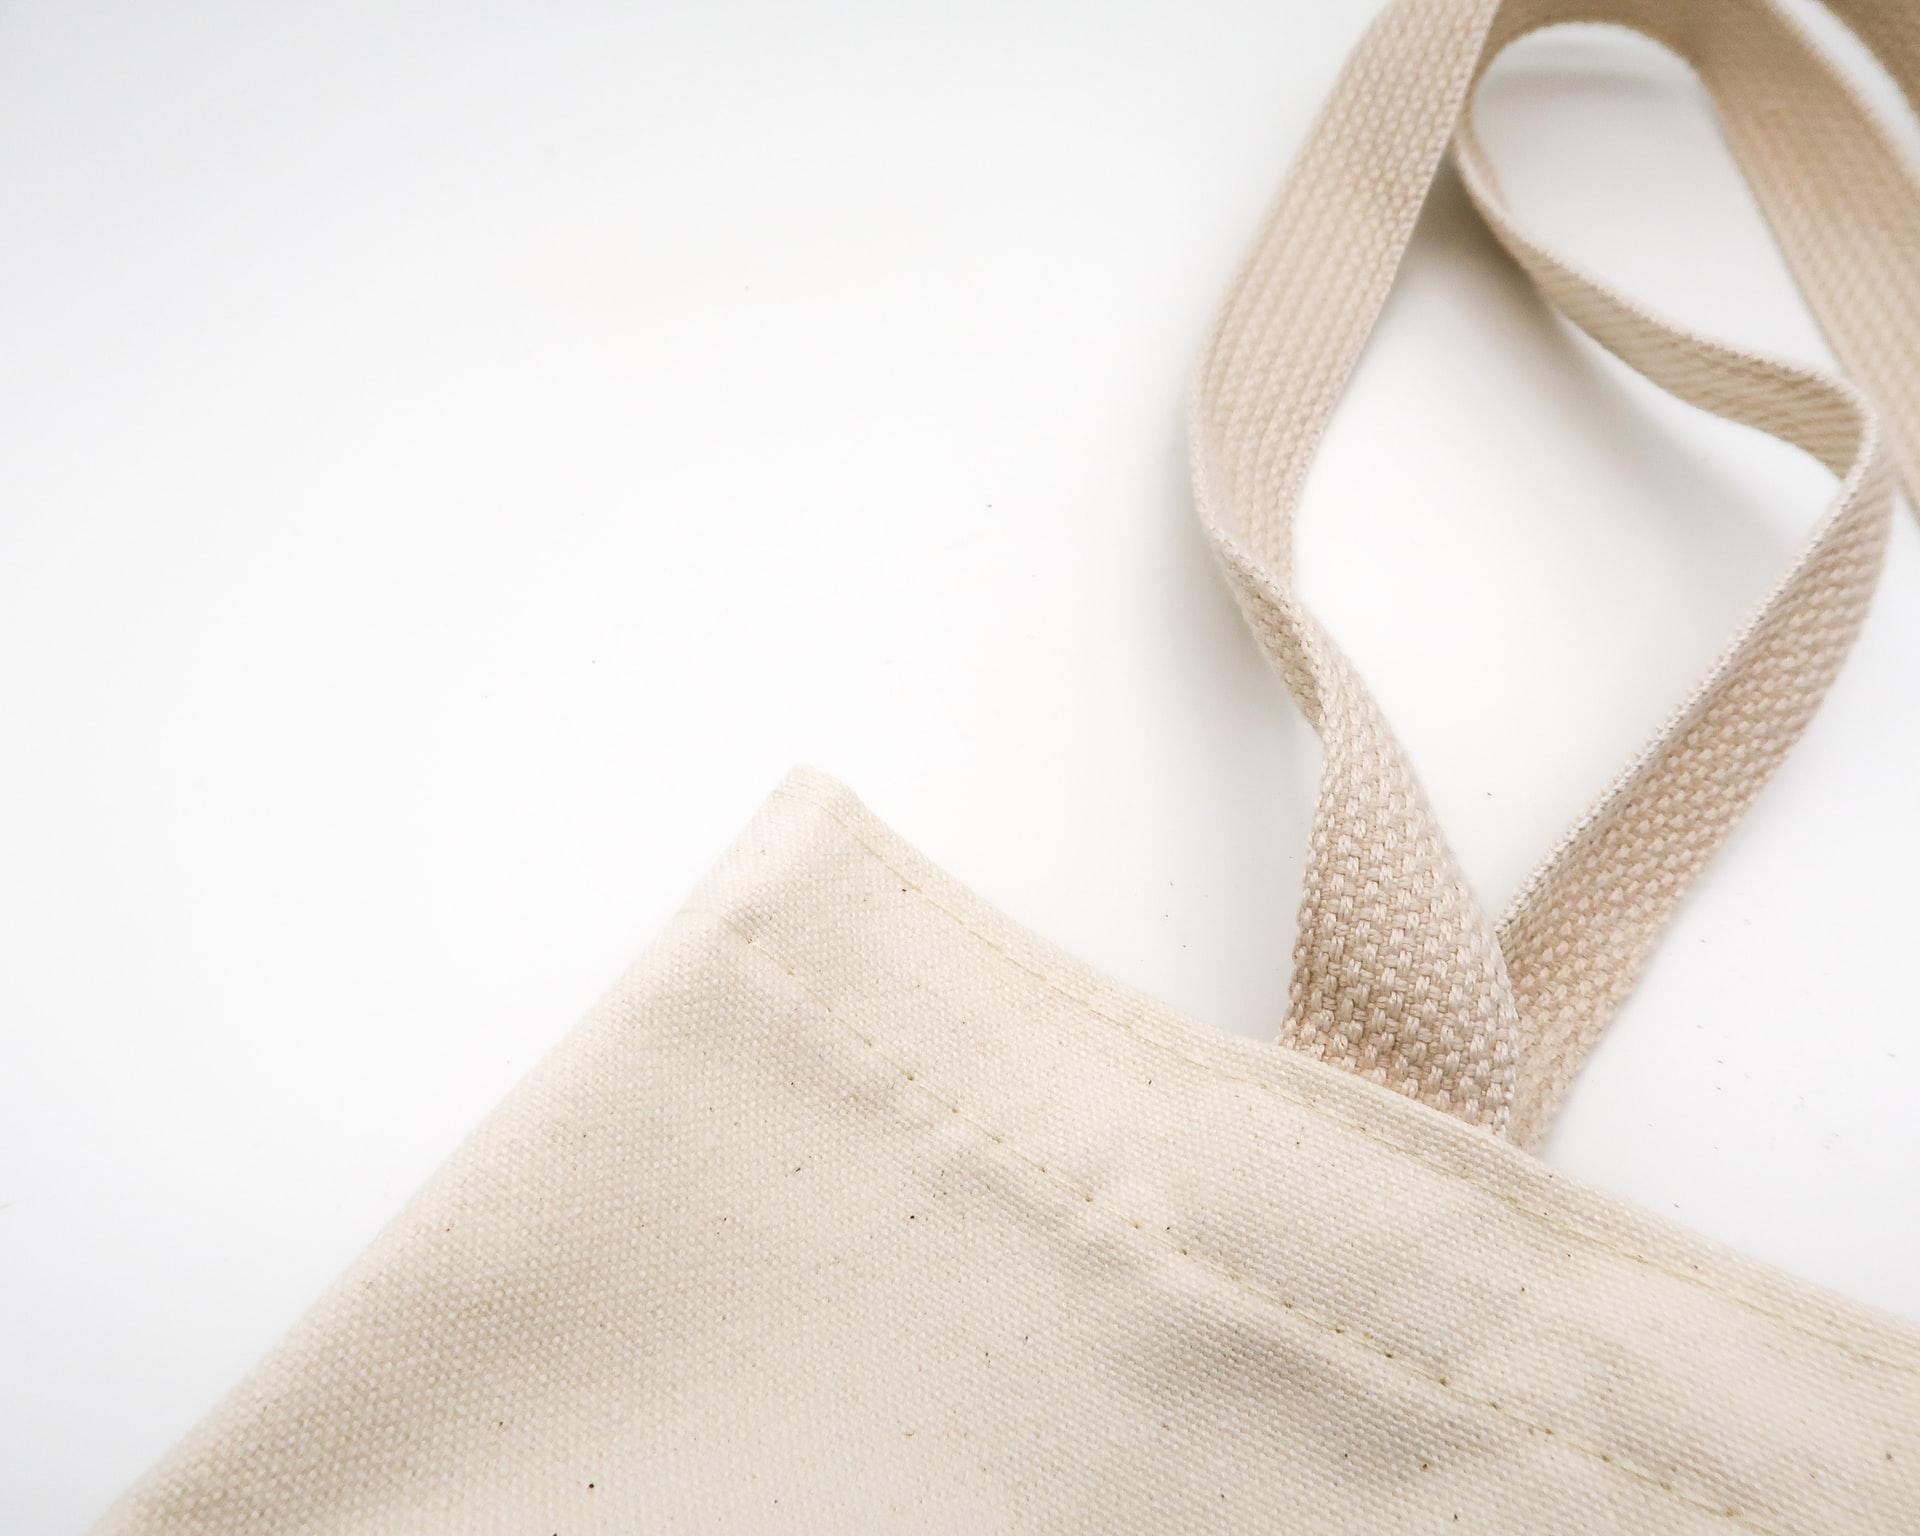 コットン製の土に還るバッグ